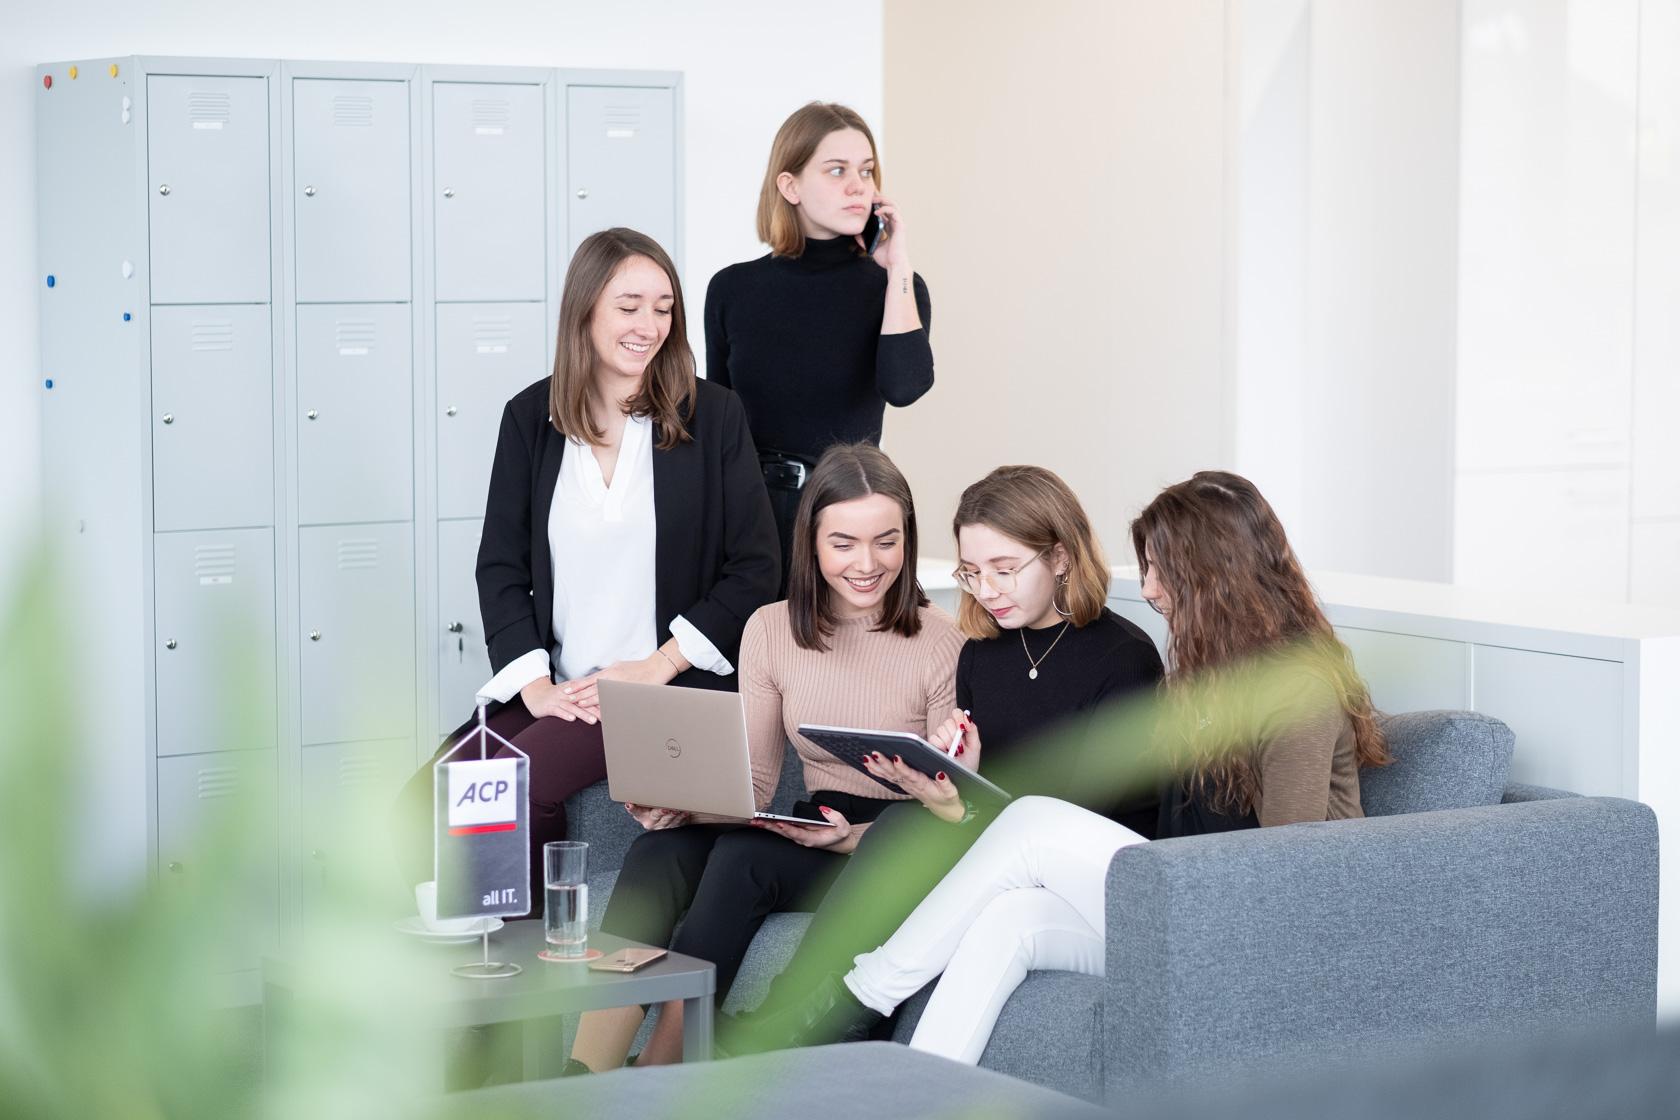 Gruppe Frauen Dell Apple